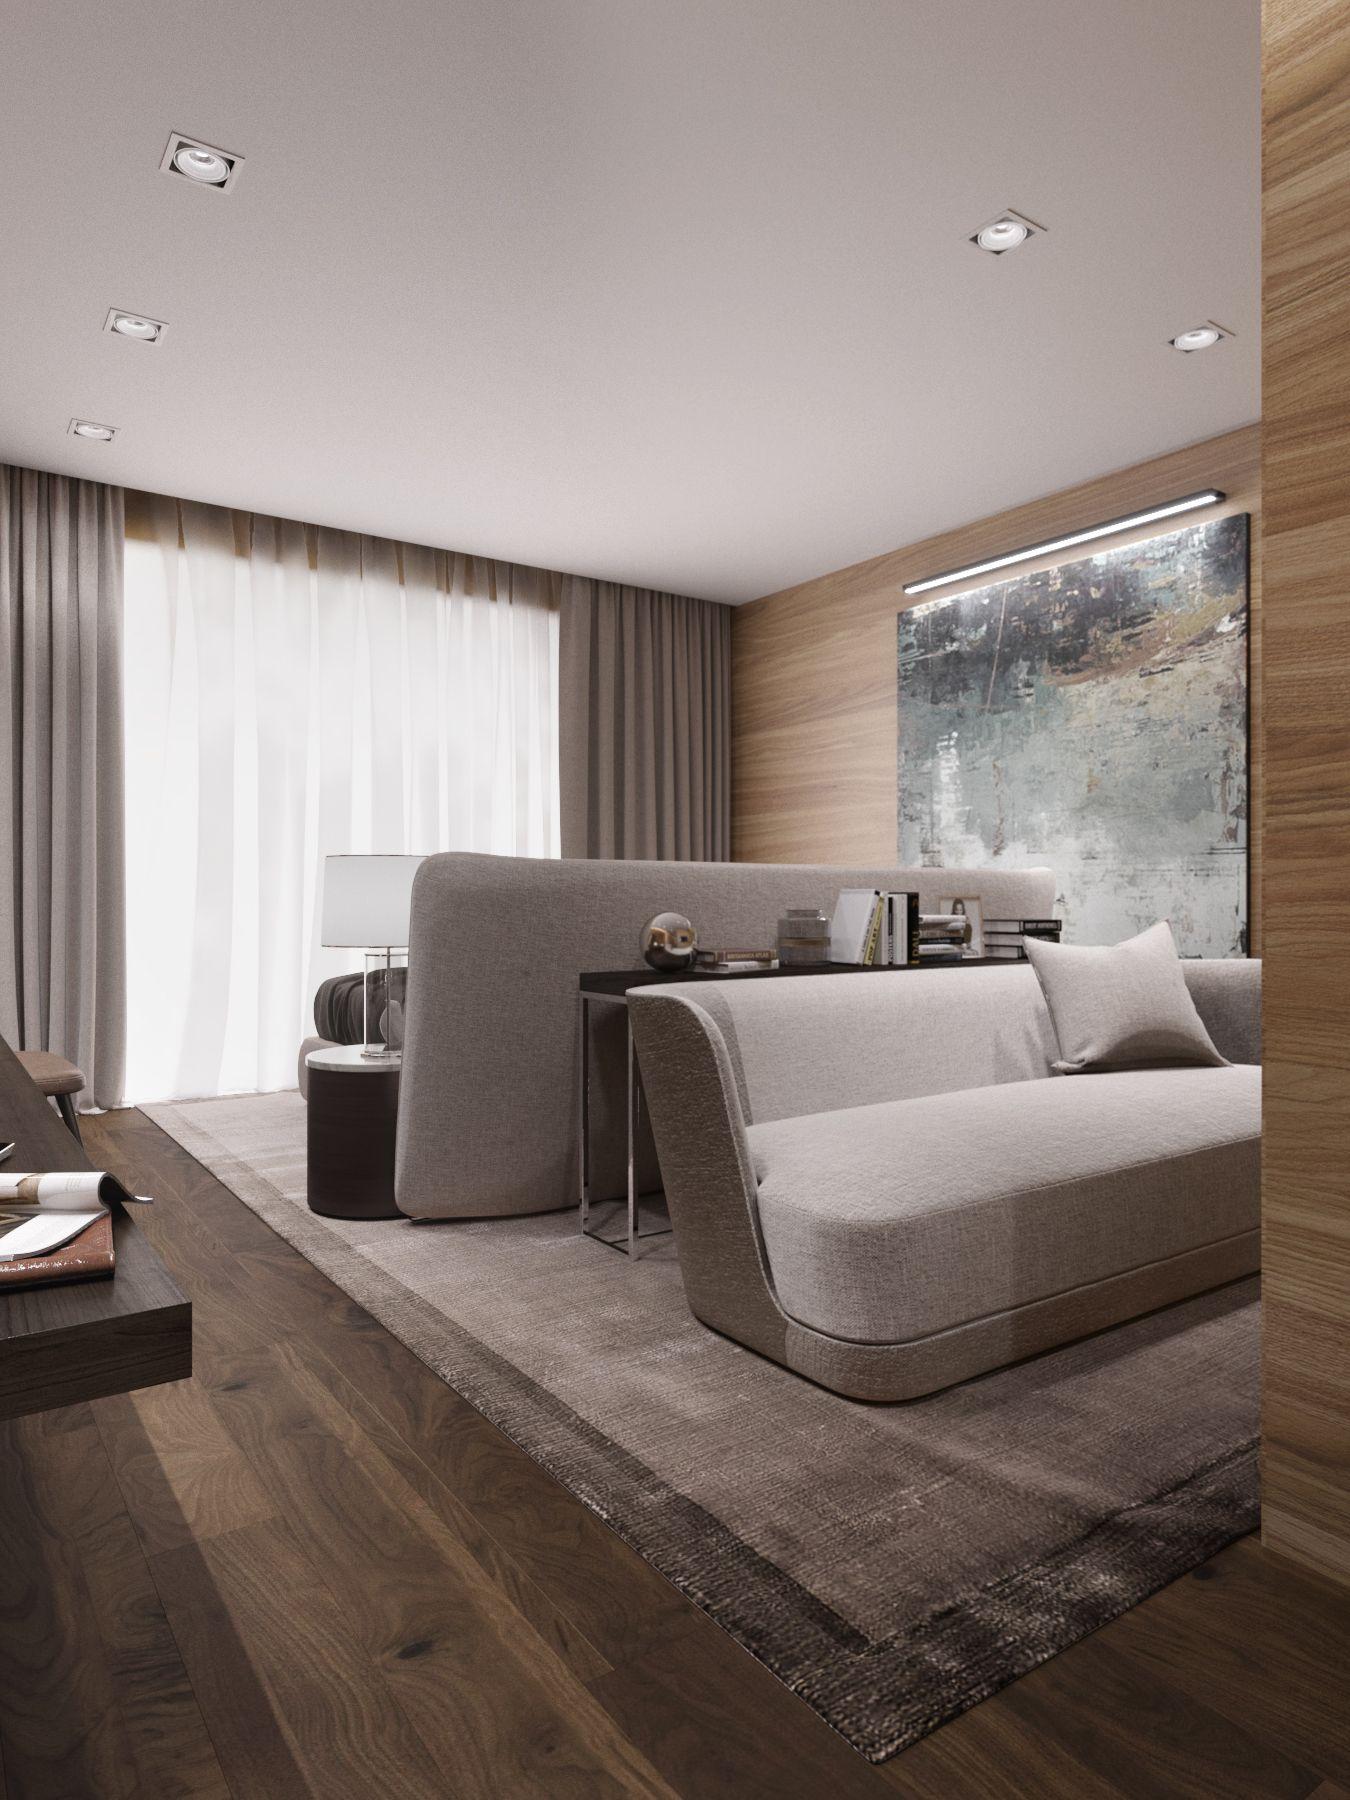 3d Room Interior Design